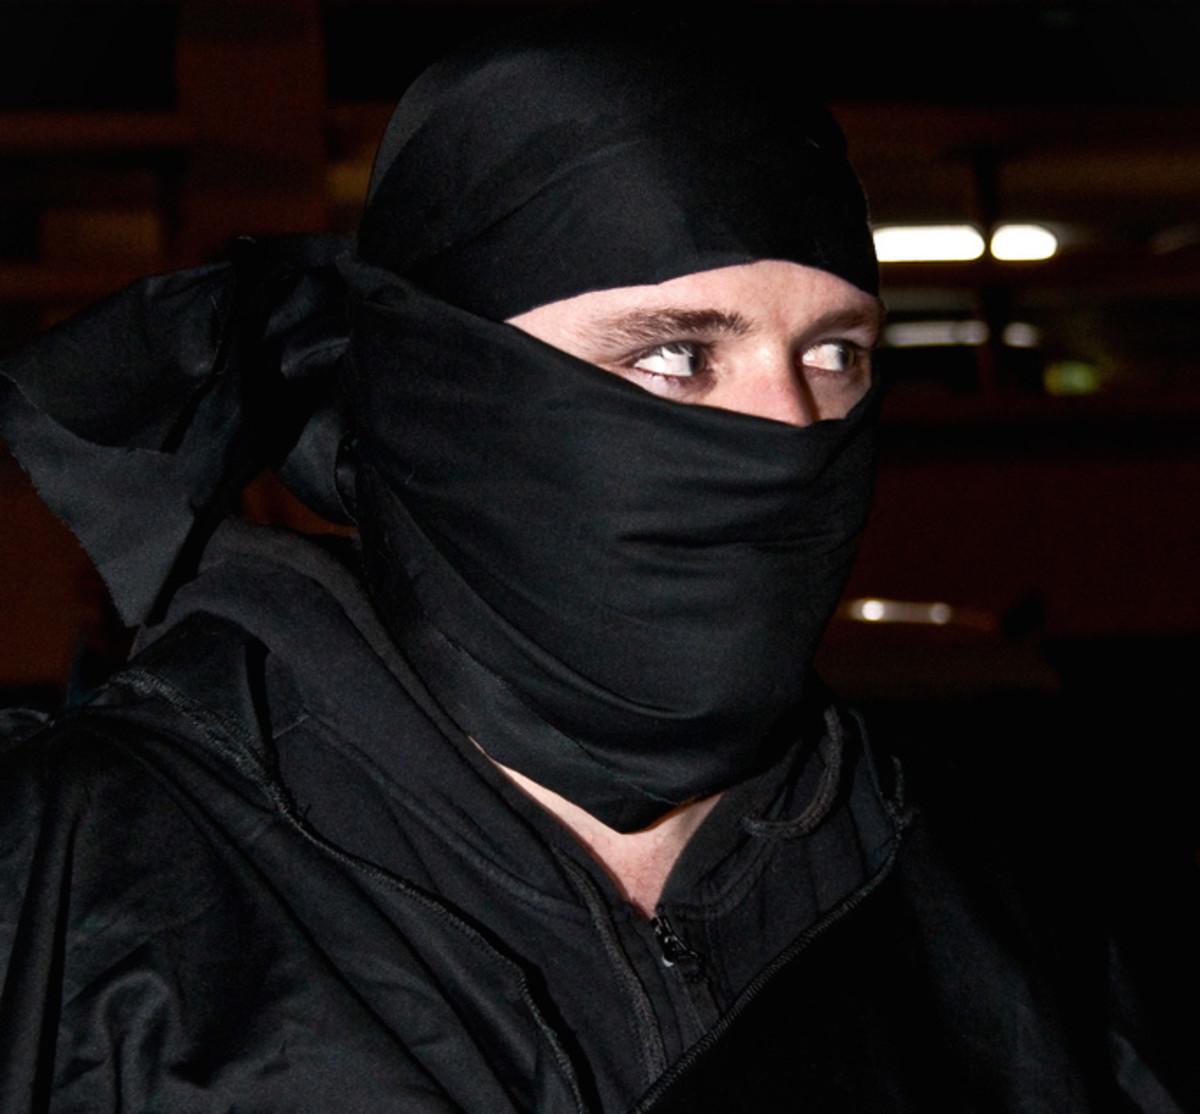 Ninja facemask